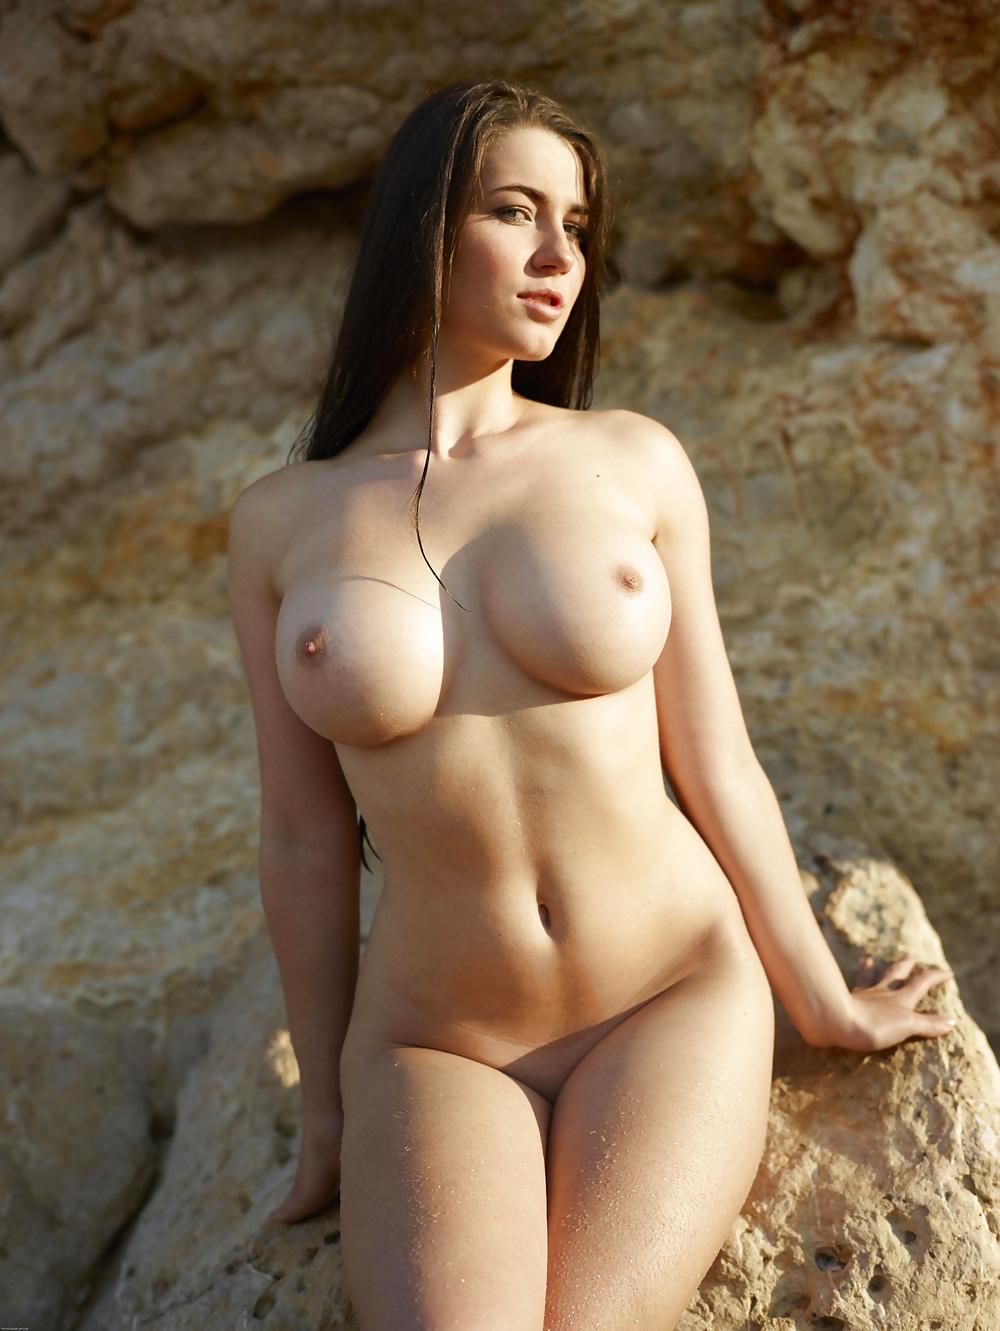 sexspielzeug anfänger sexbilder am strand